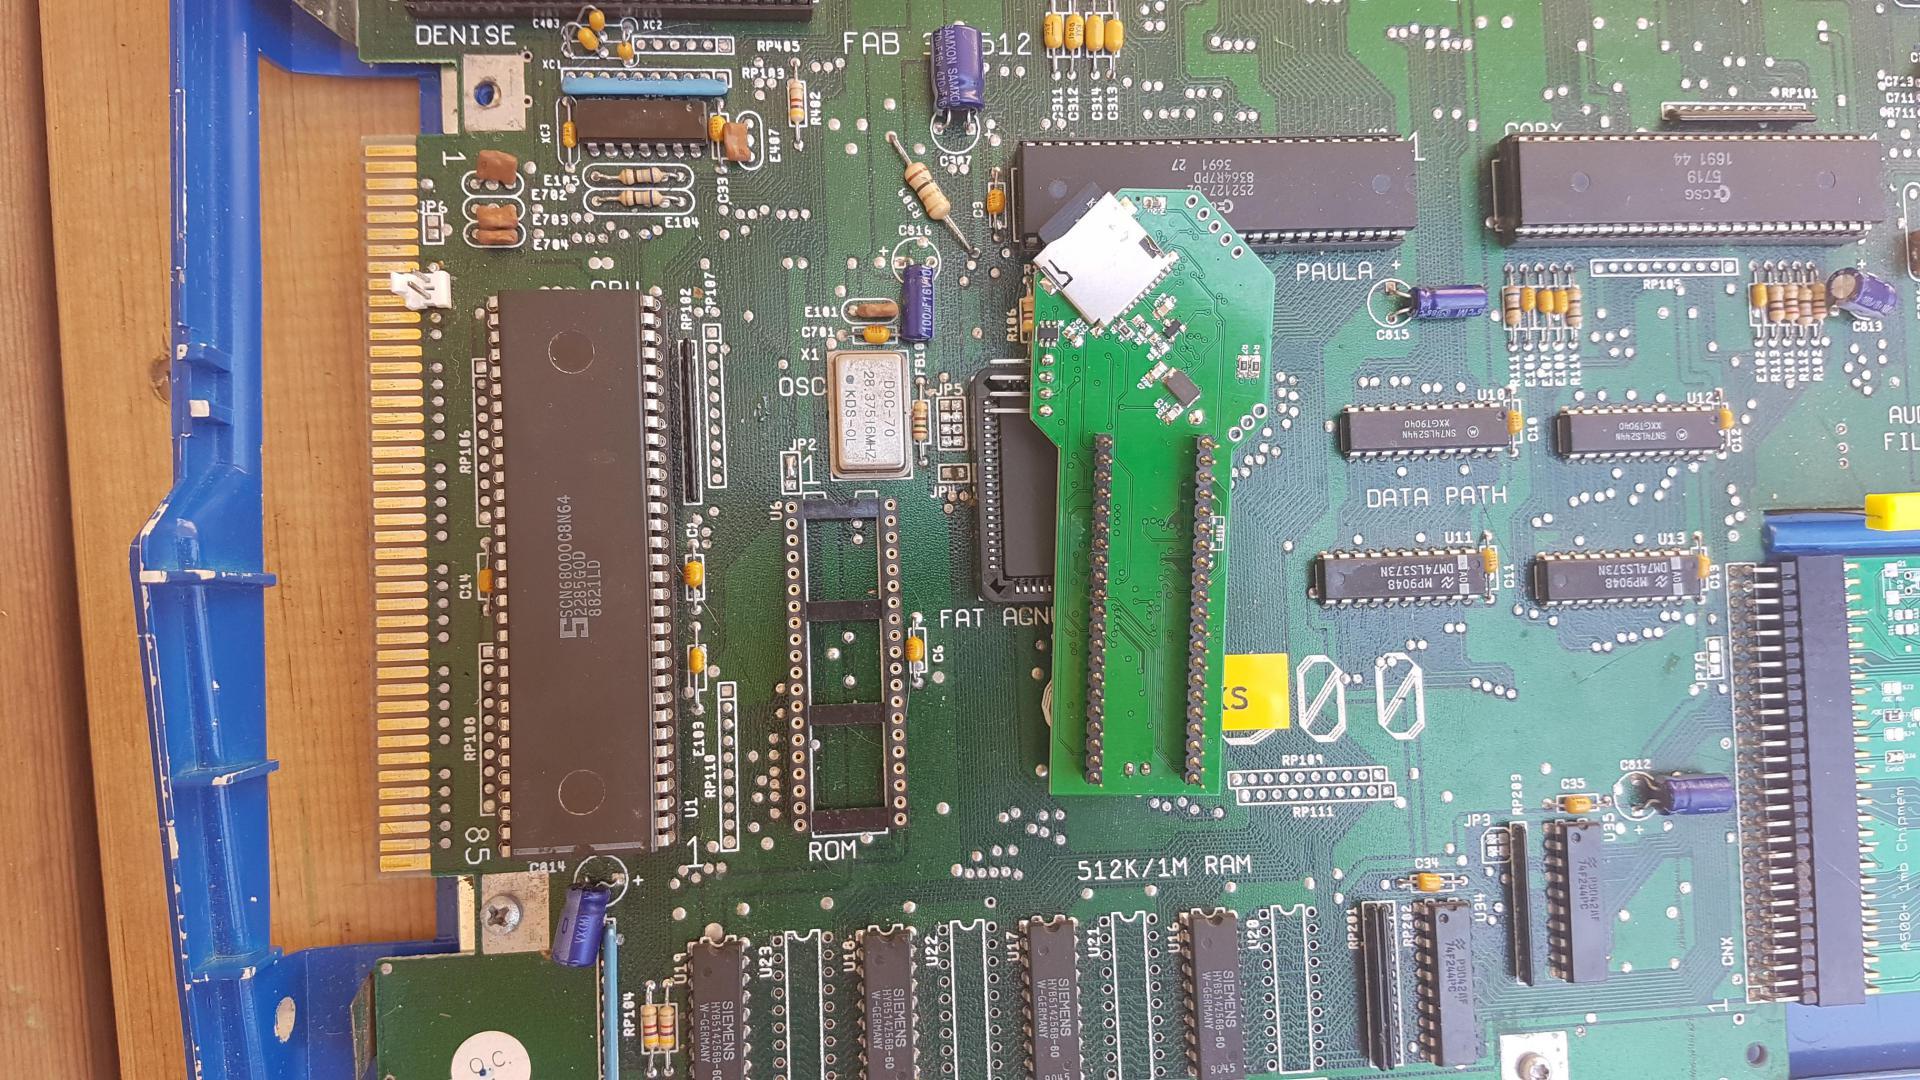 Klikněte na obrázek pro zobrazení větší verze  Název: romulatorbottom.jpg Zobrazeno: 73 Velikost: 425,4 KB ID: 9611